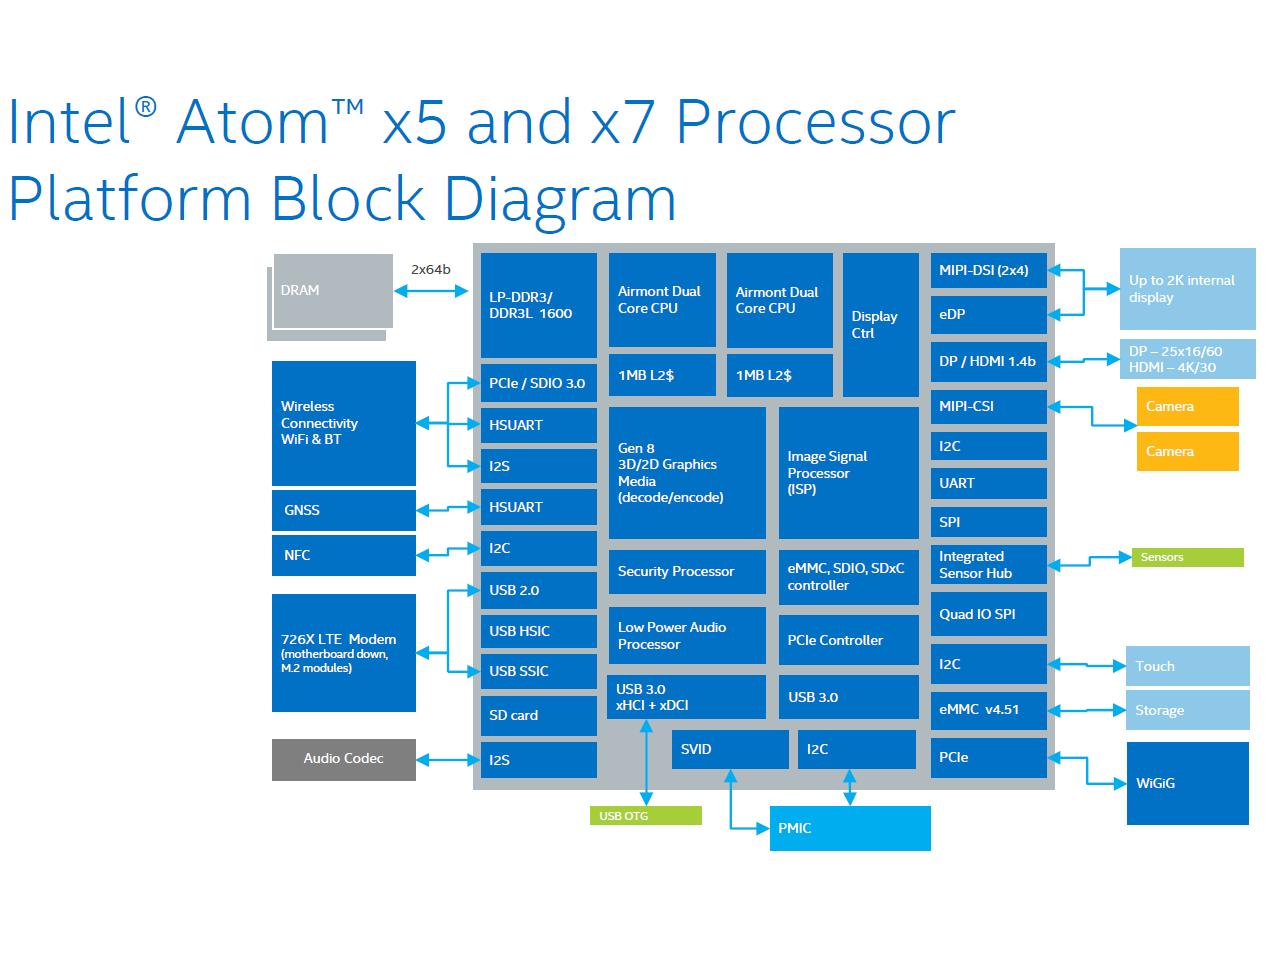 Intel Atom X7 Z8700